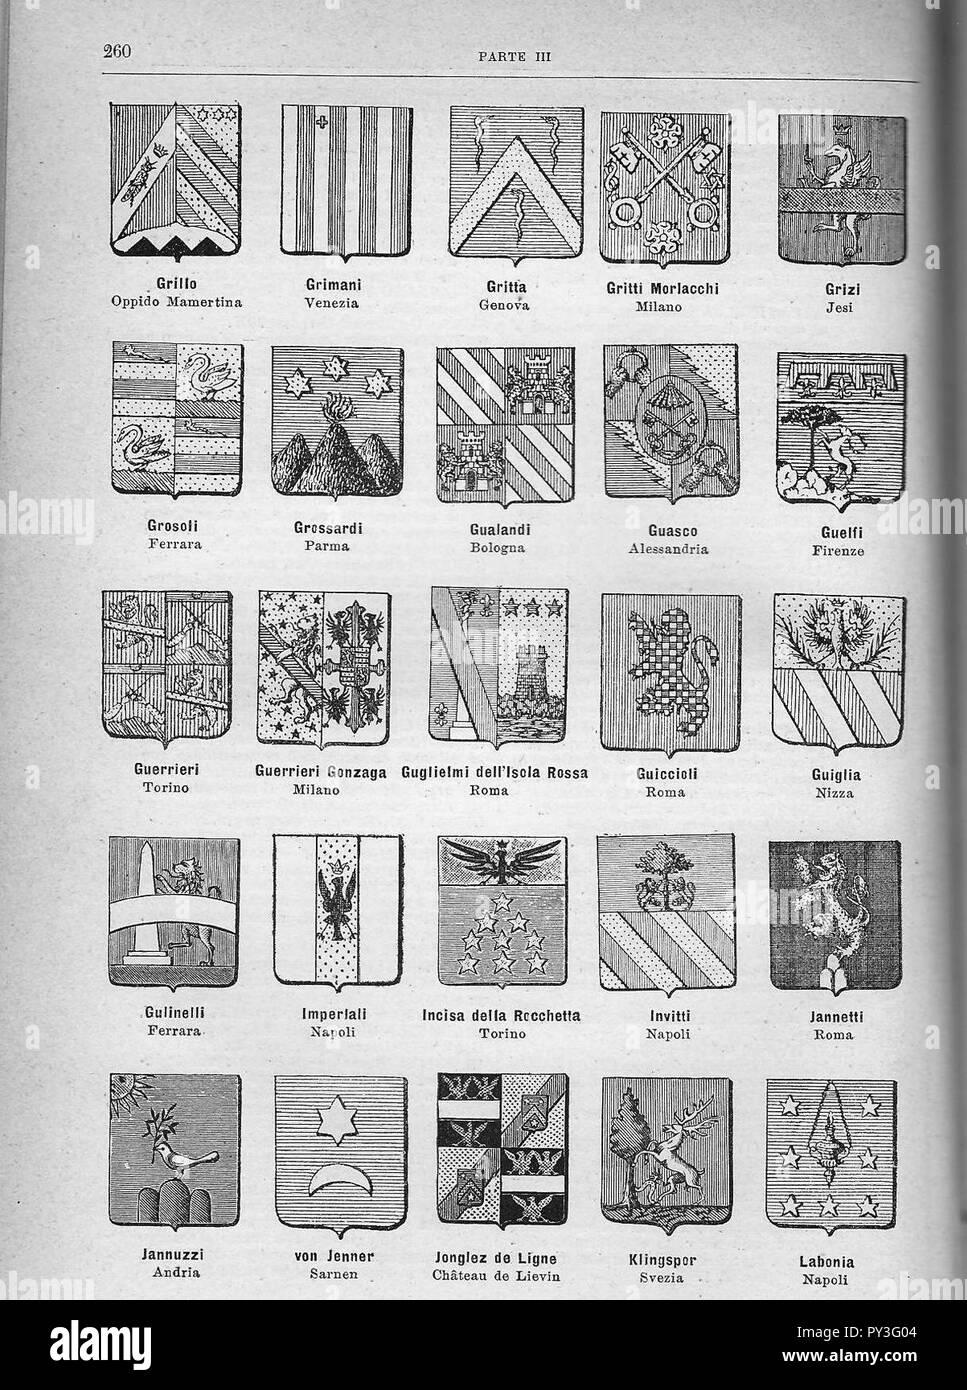 Calendario 1900.Calendario D Oro 1900 Pagina 260 Stock Photo 223198532 Alamy